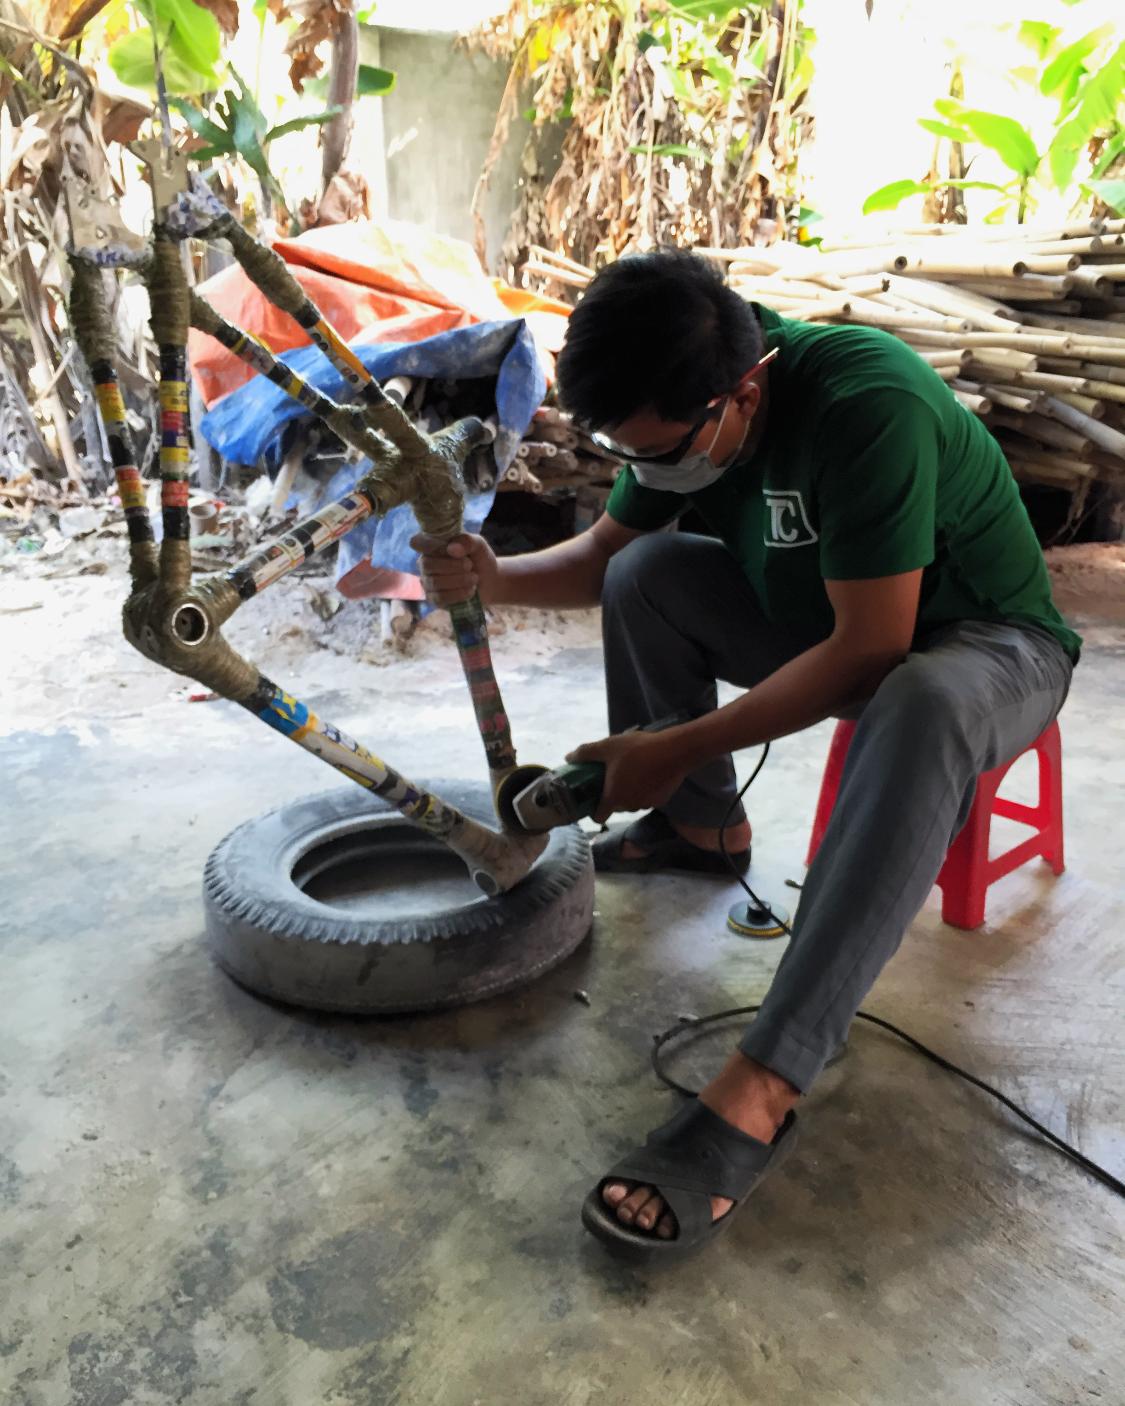 Bamboo frame grind